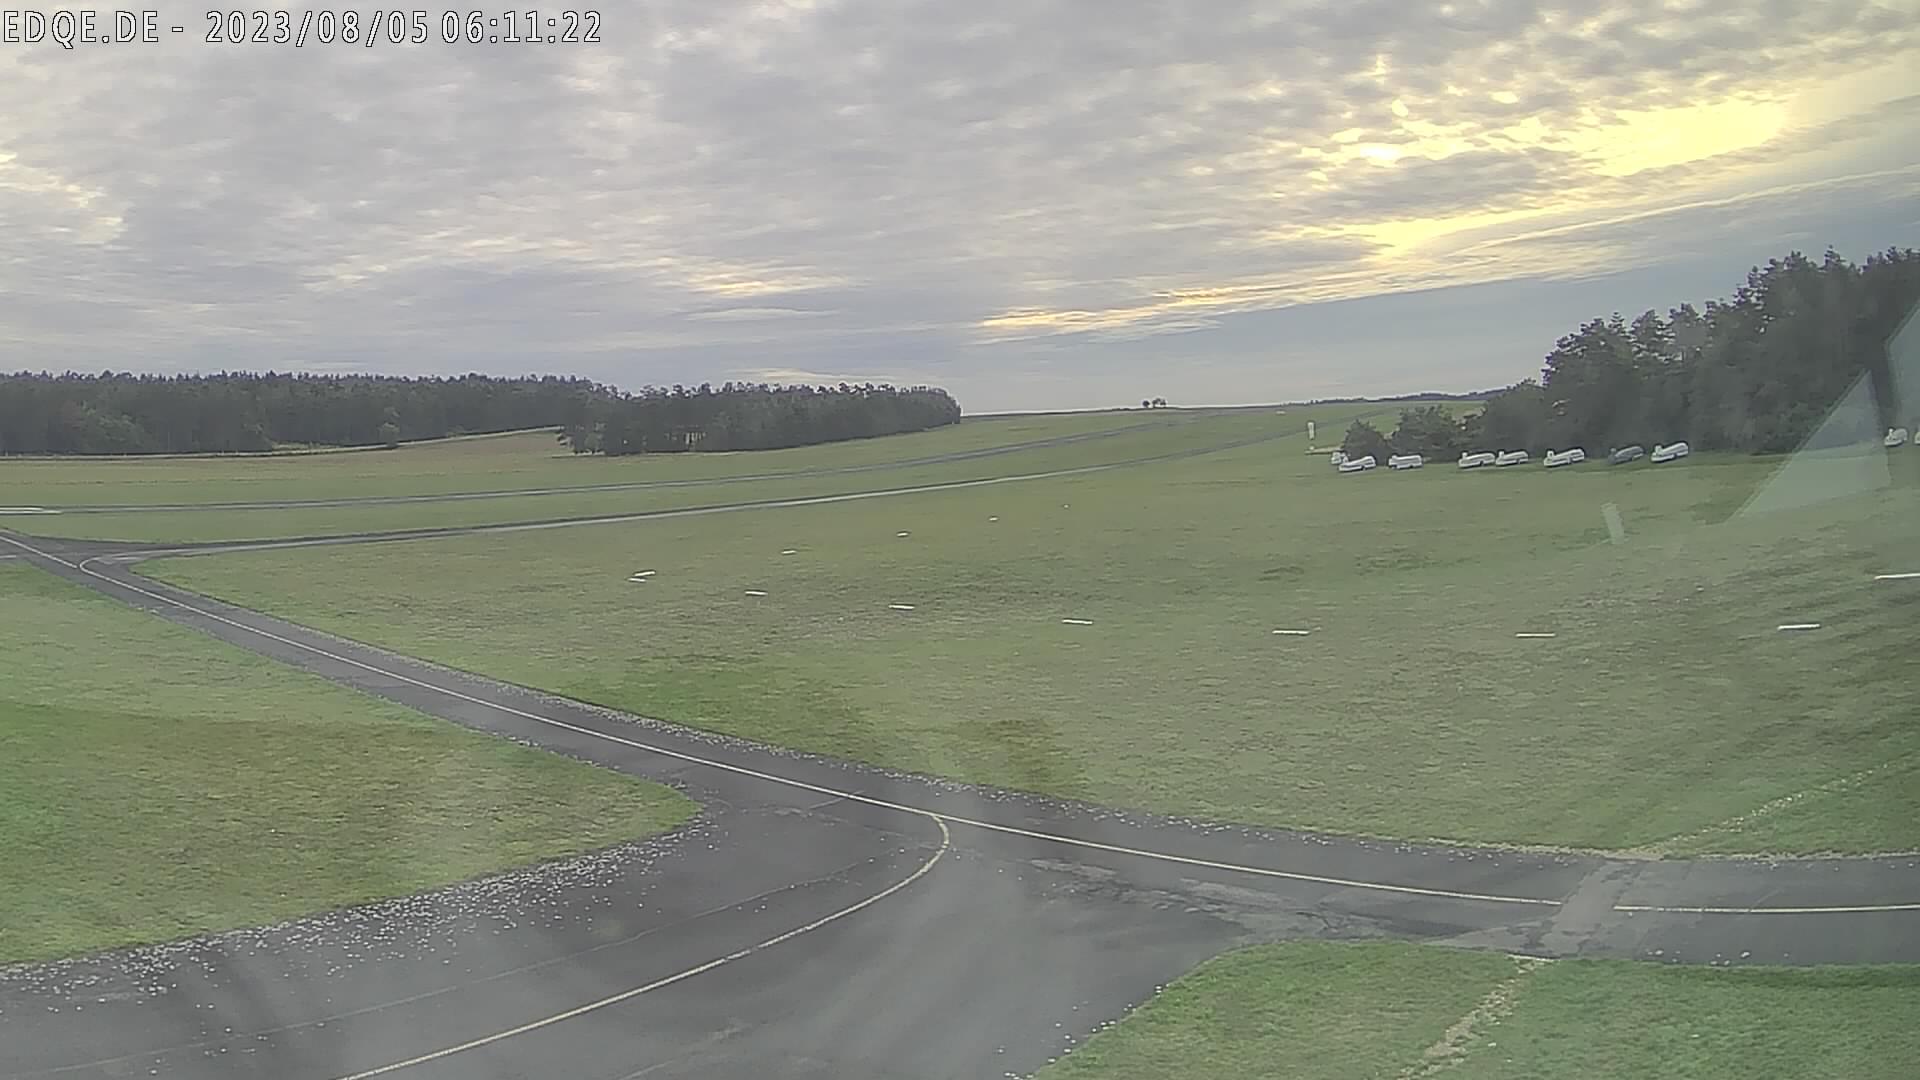 EDQE Webcam 2